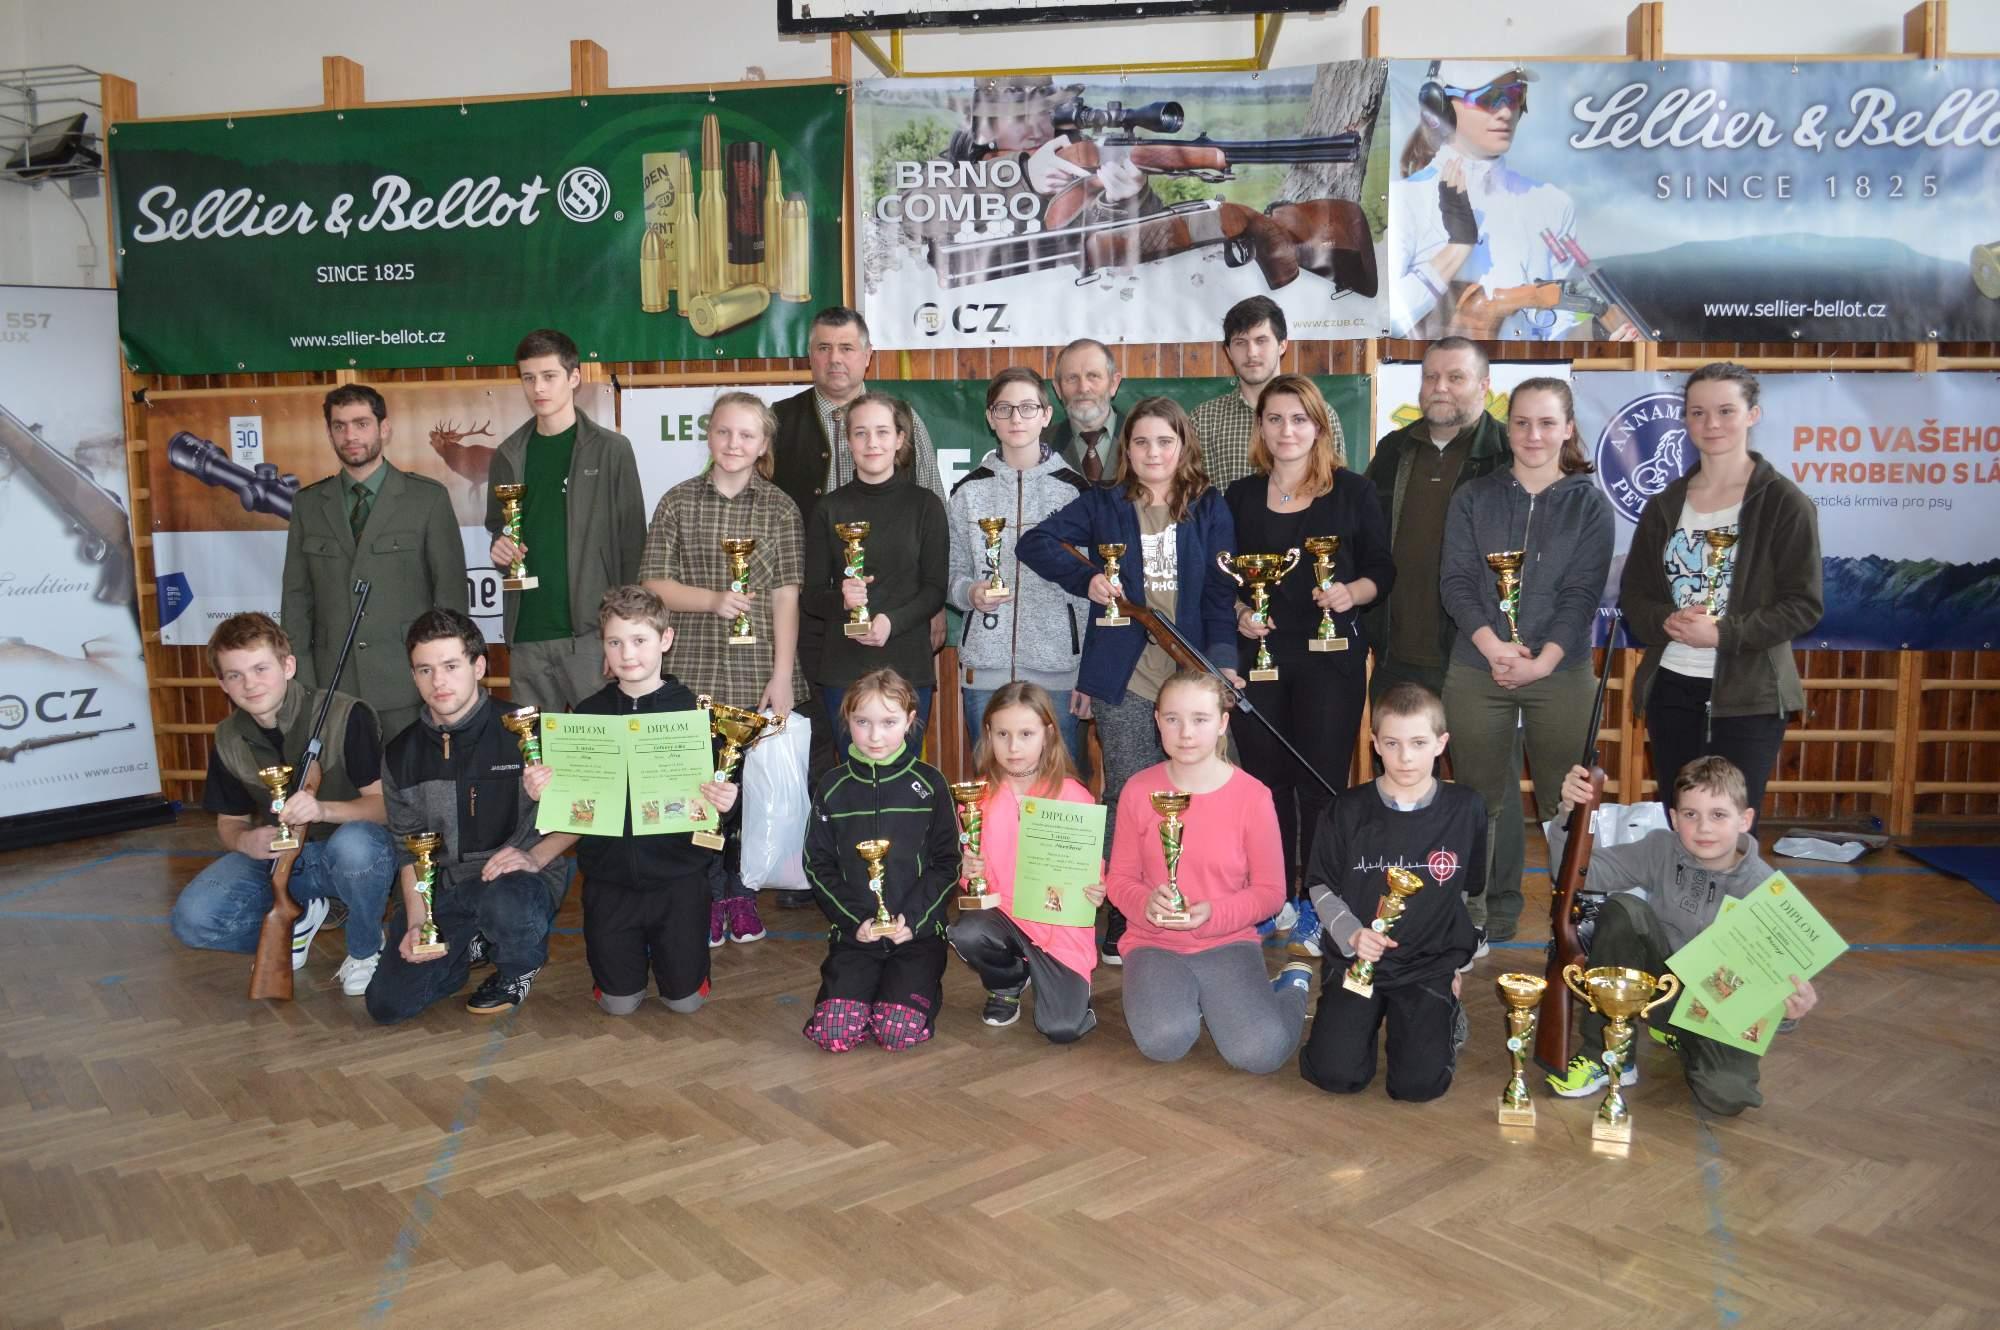 Odměnění vítězové v jednotlivých kategoriích i s pořadateli <br />Autor: Lenka Pechánková